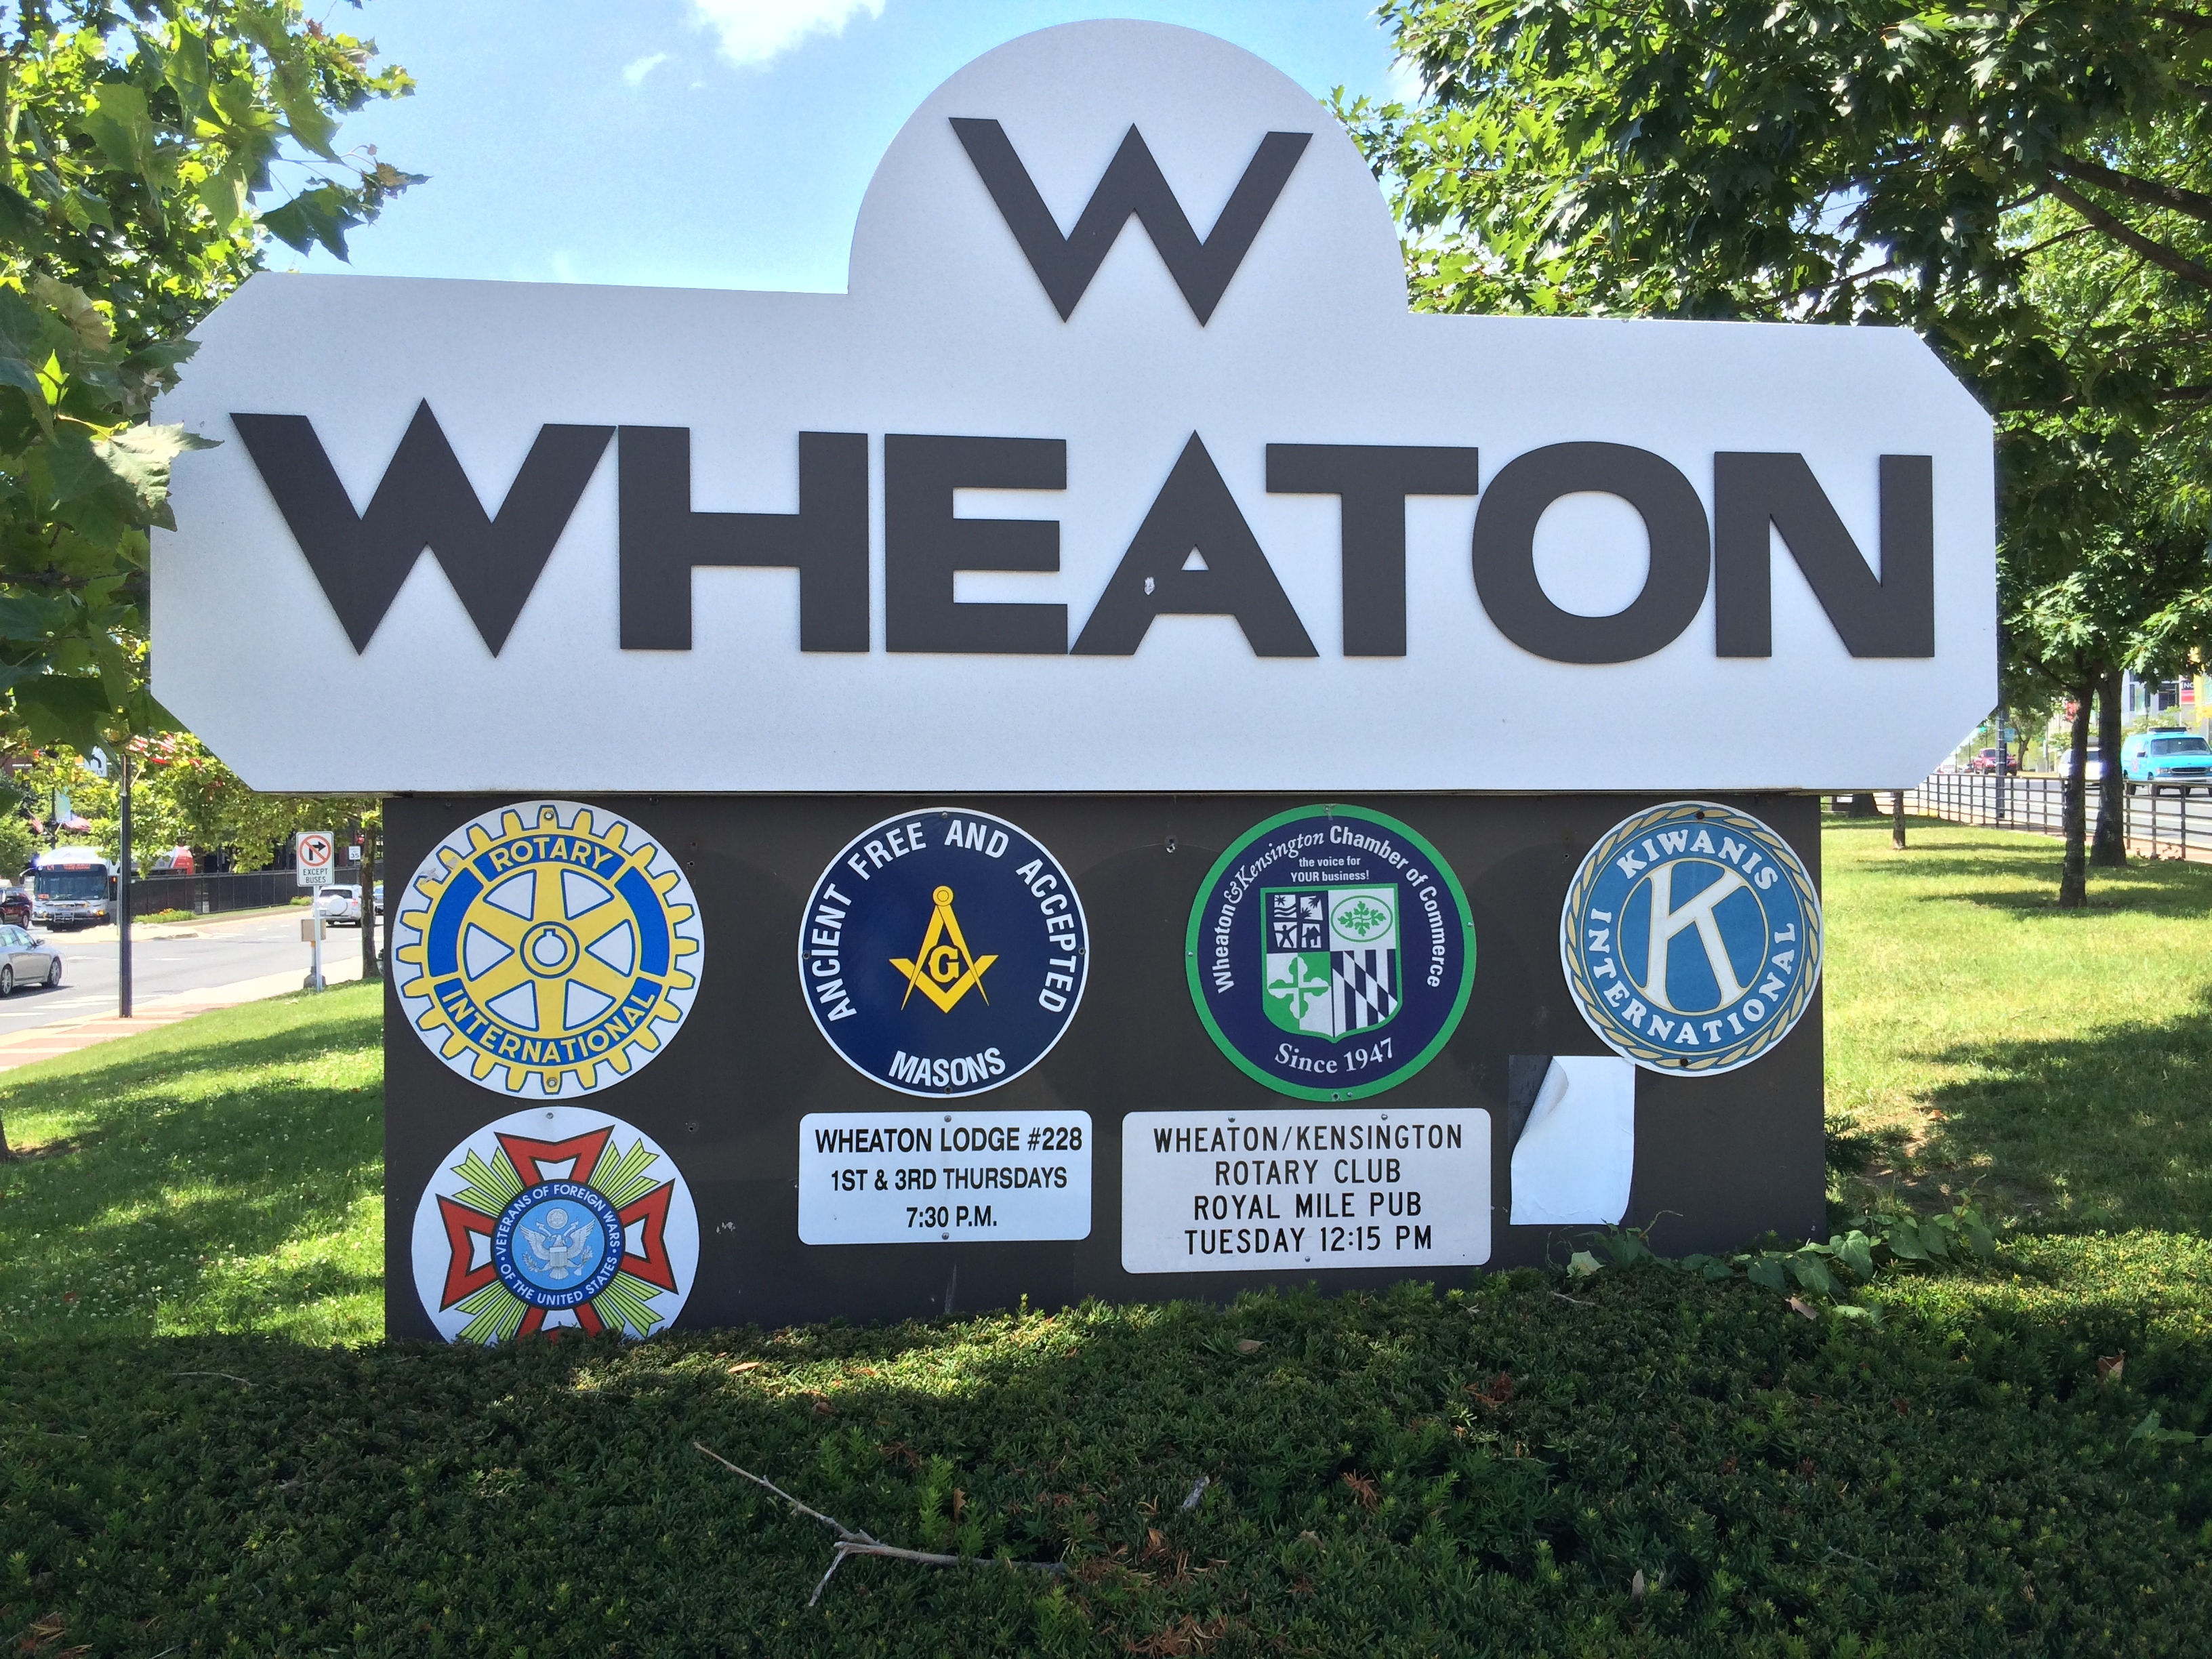 Wheaton, Maryland - Wikipedia